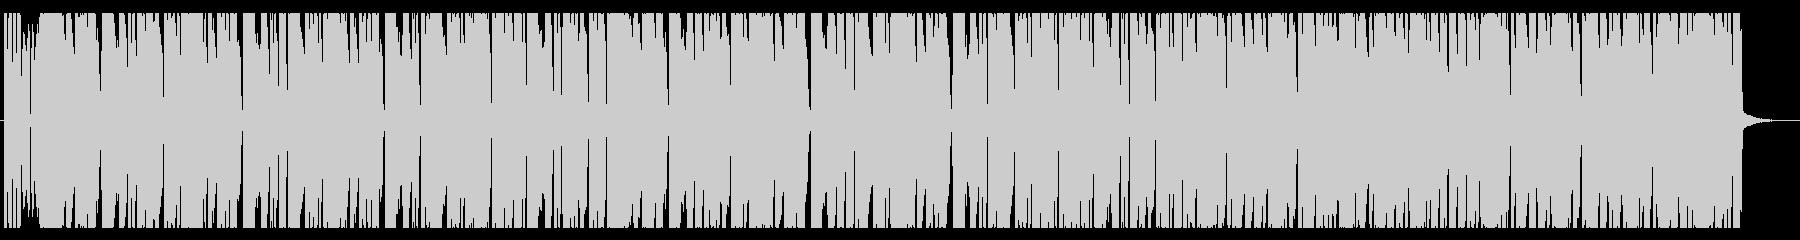 疾走感/駆け抜けるハウス_No374_2の未再生の波形